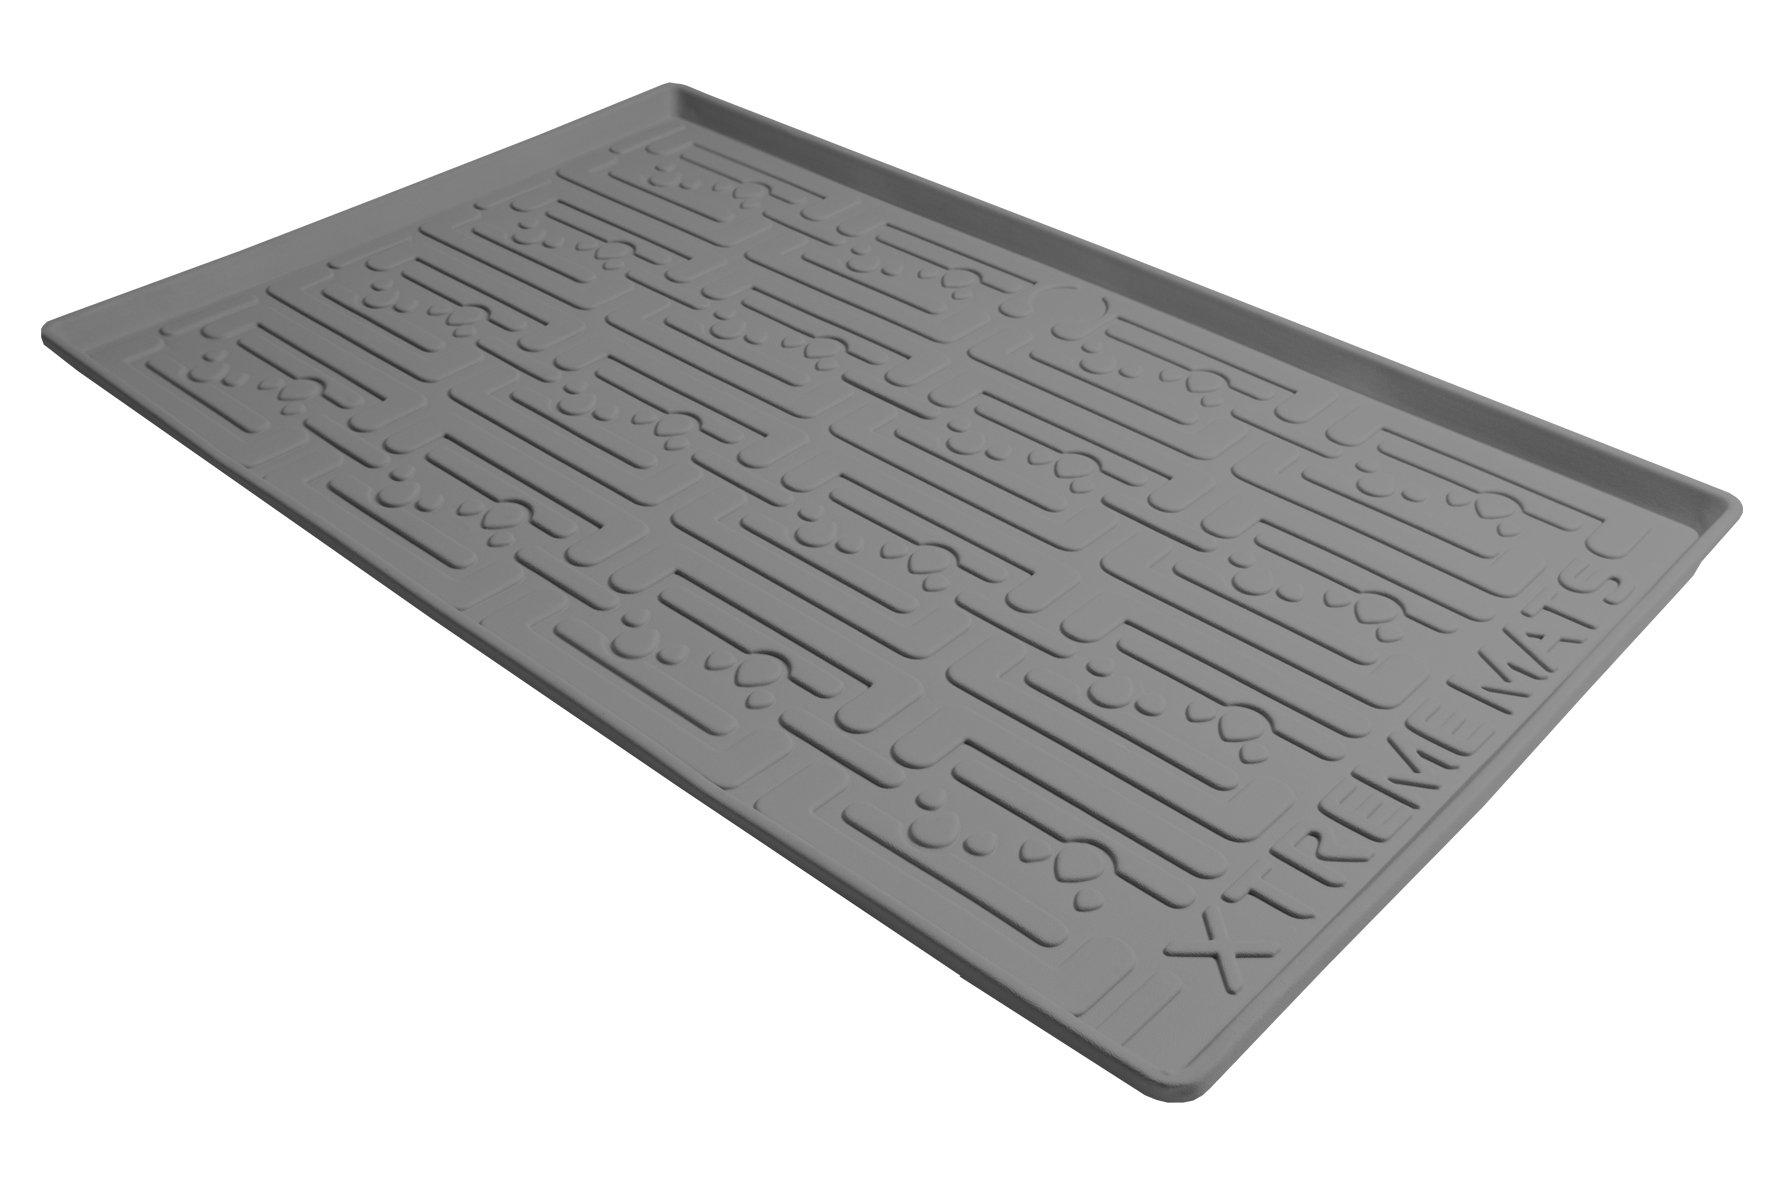 Xtreme Mats Under Sink Kitchen Cabinet Mat, 27 5/8 x 21 7/8, Grey